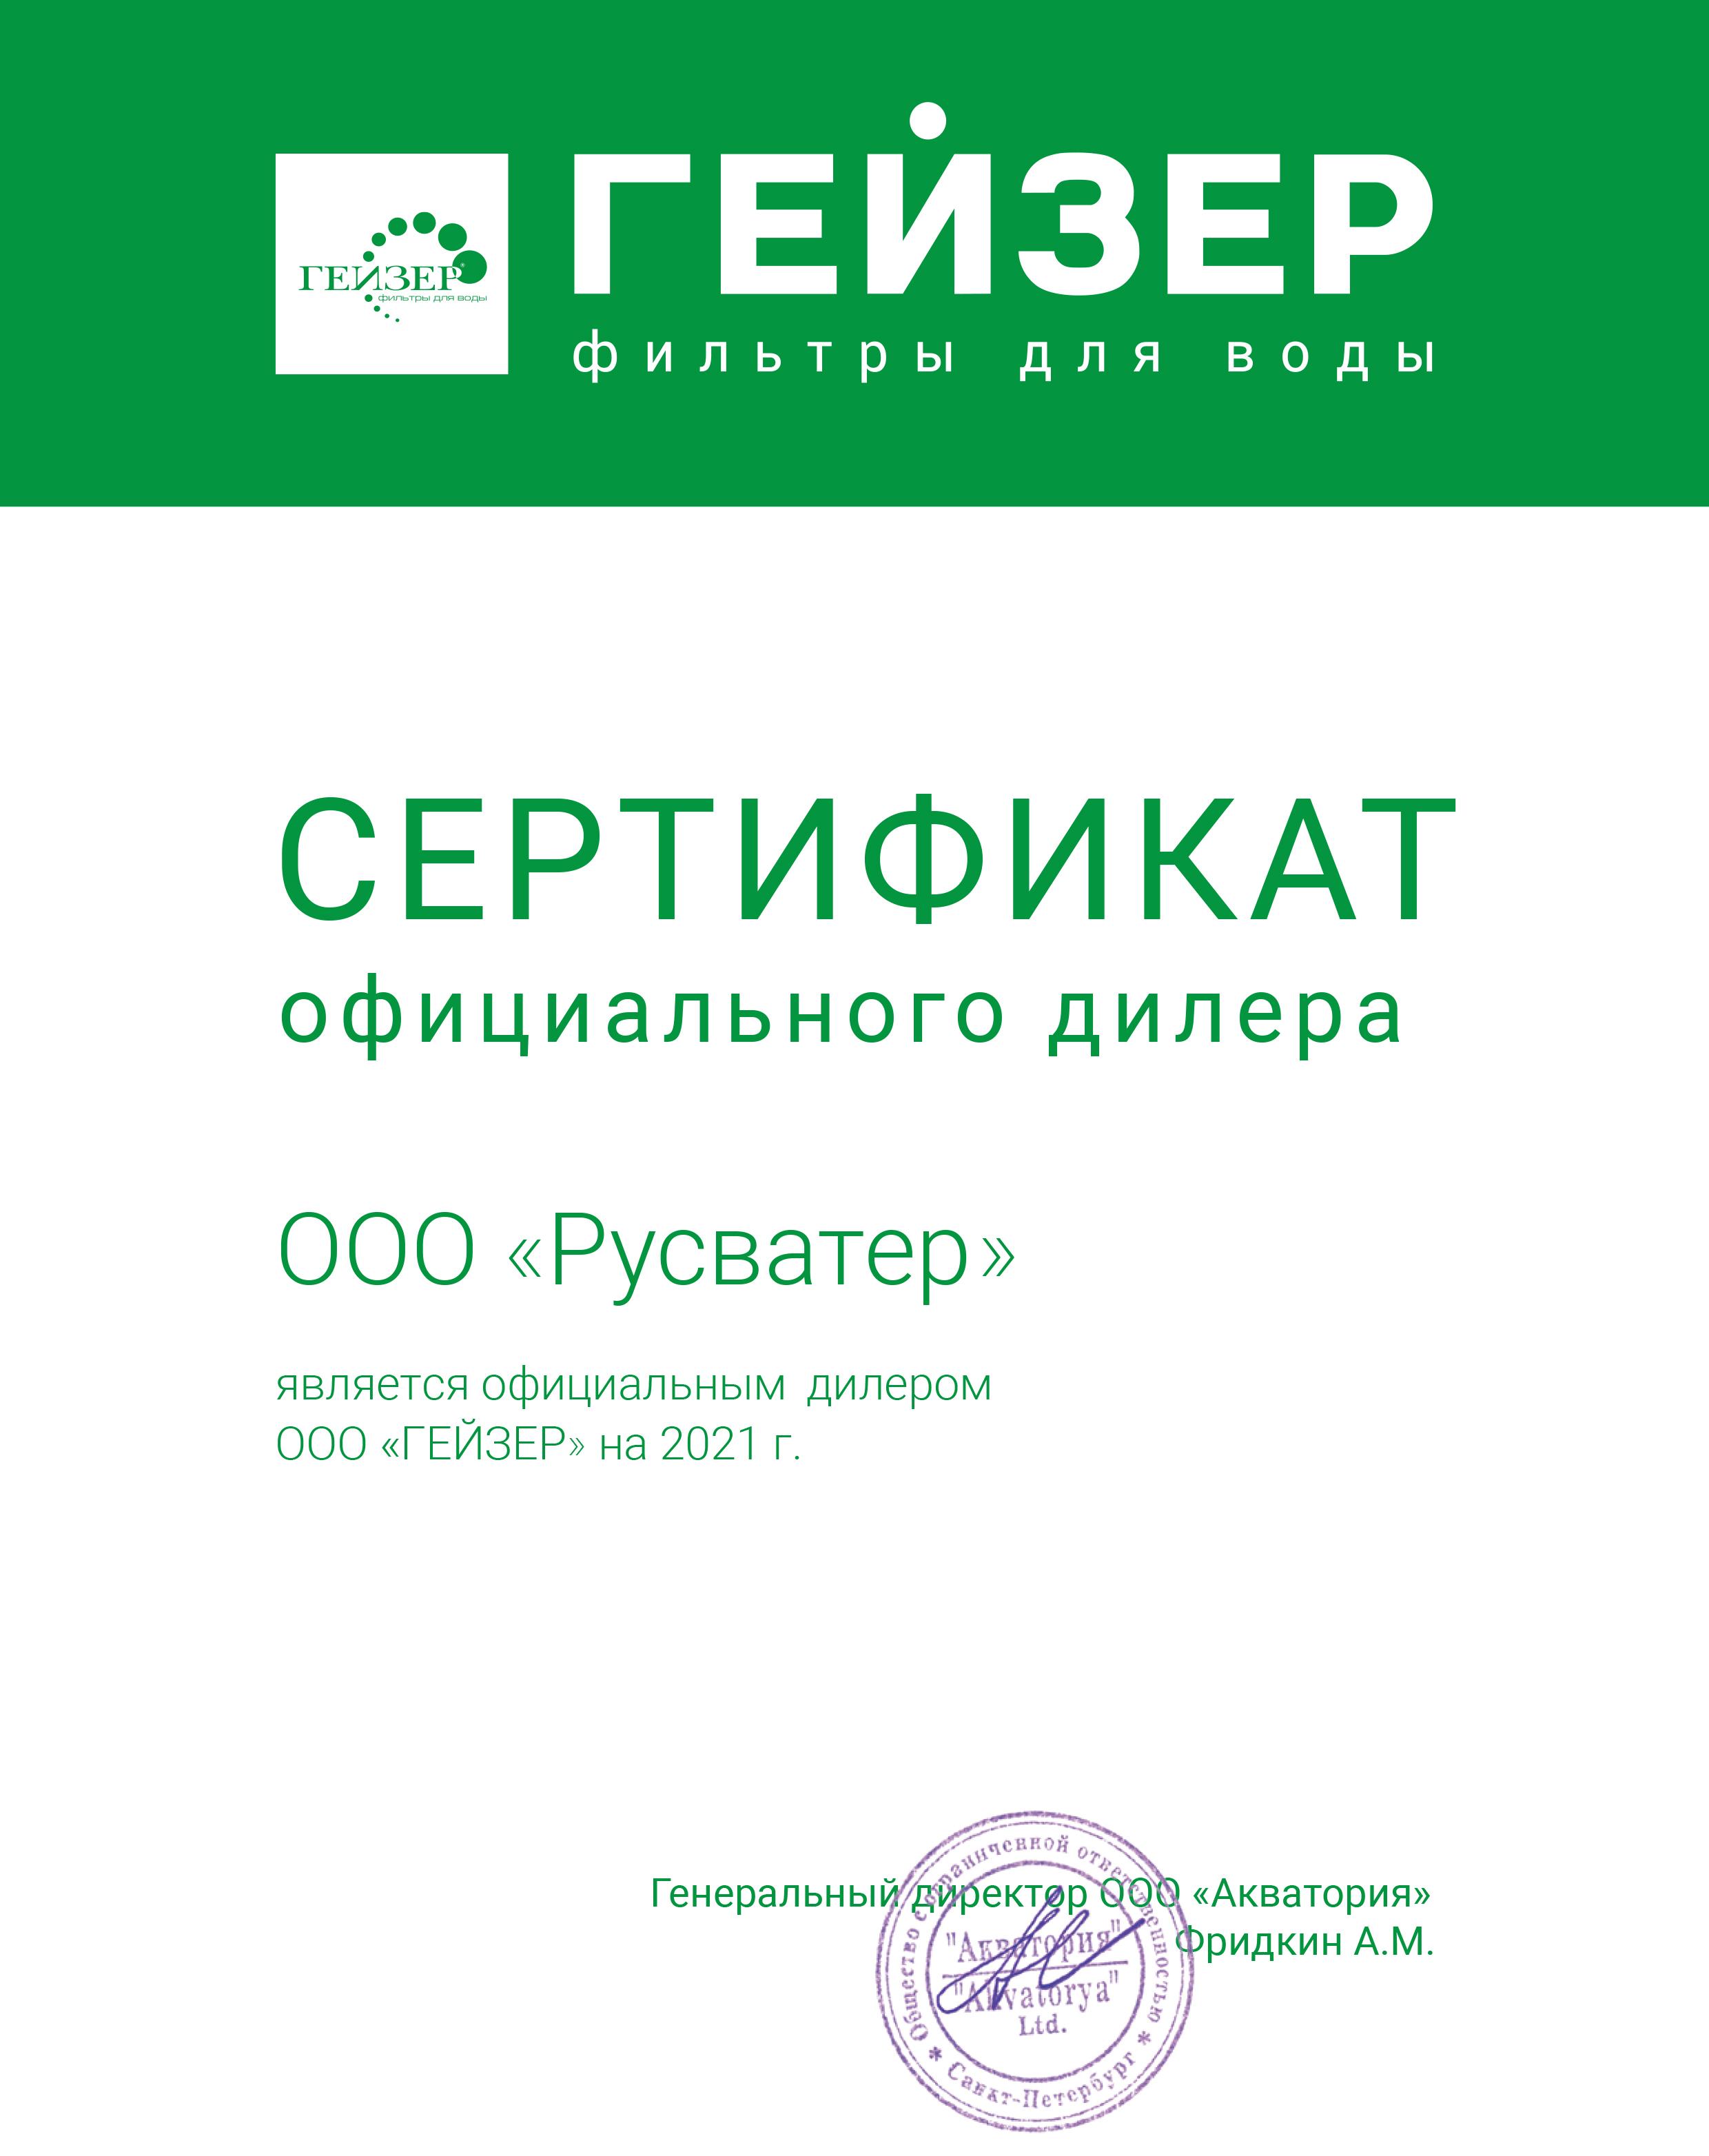 Сертификат официального дилера Гейзер ООО